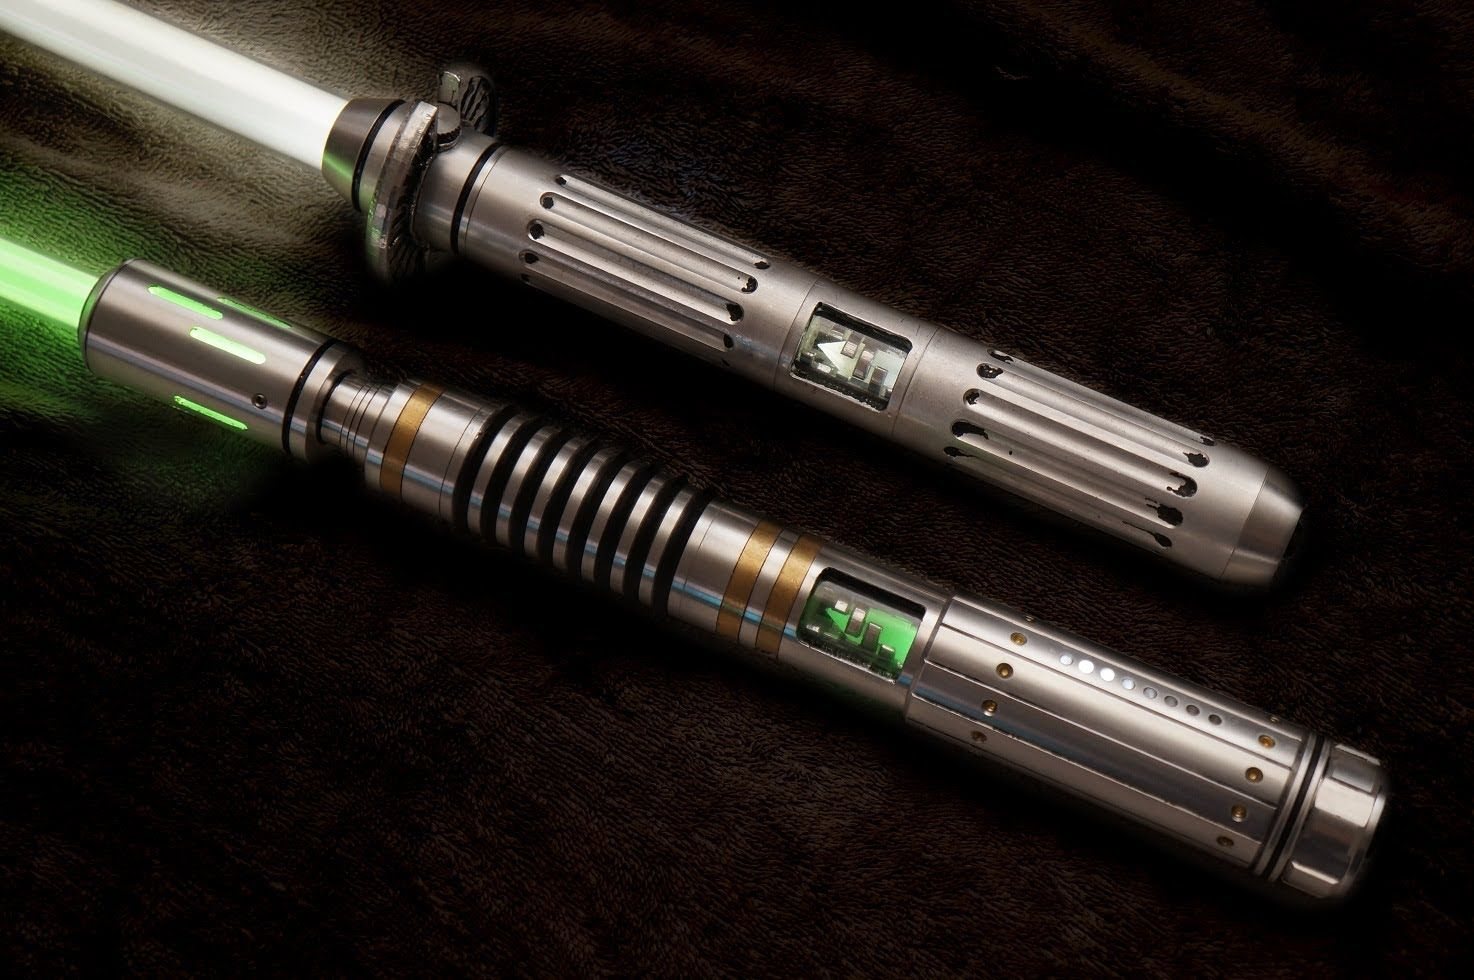 savi workshop Lightsaber custom part connect 2 lightsabers together 4 double sab